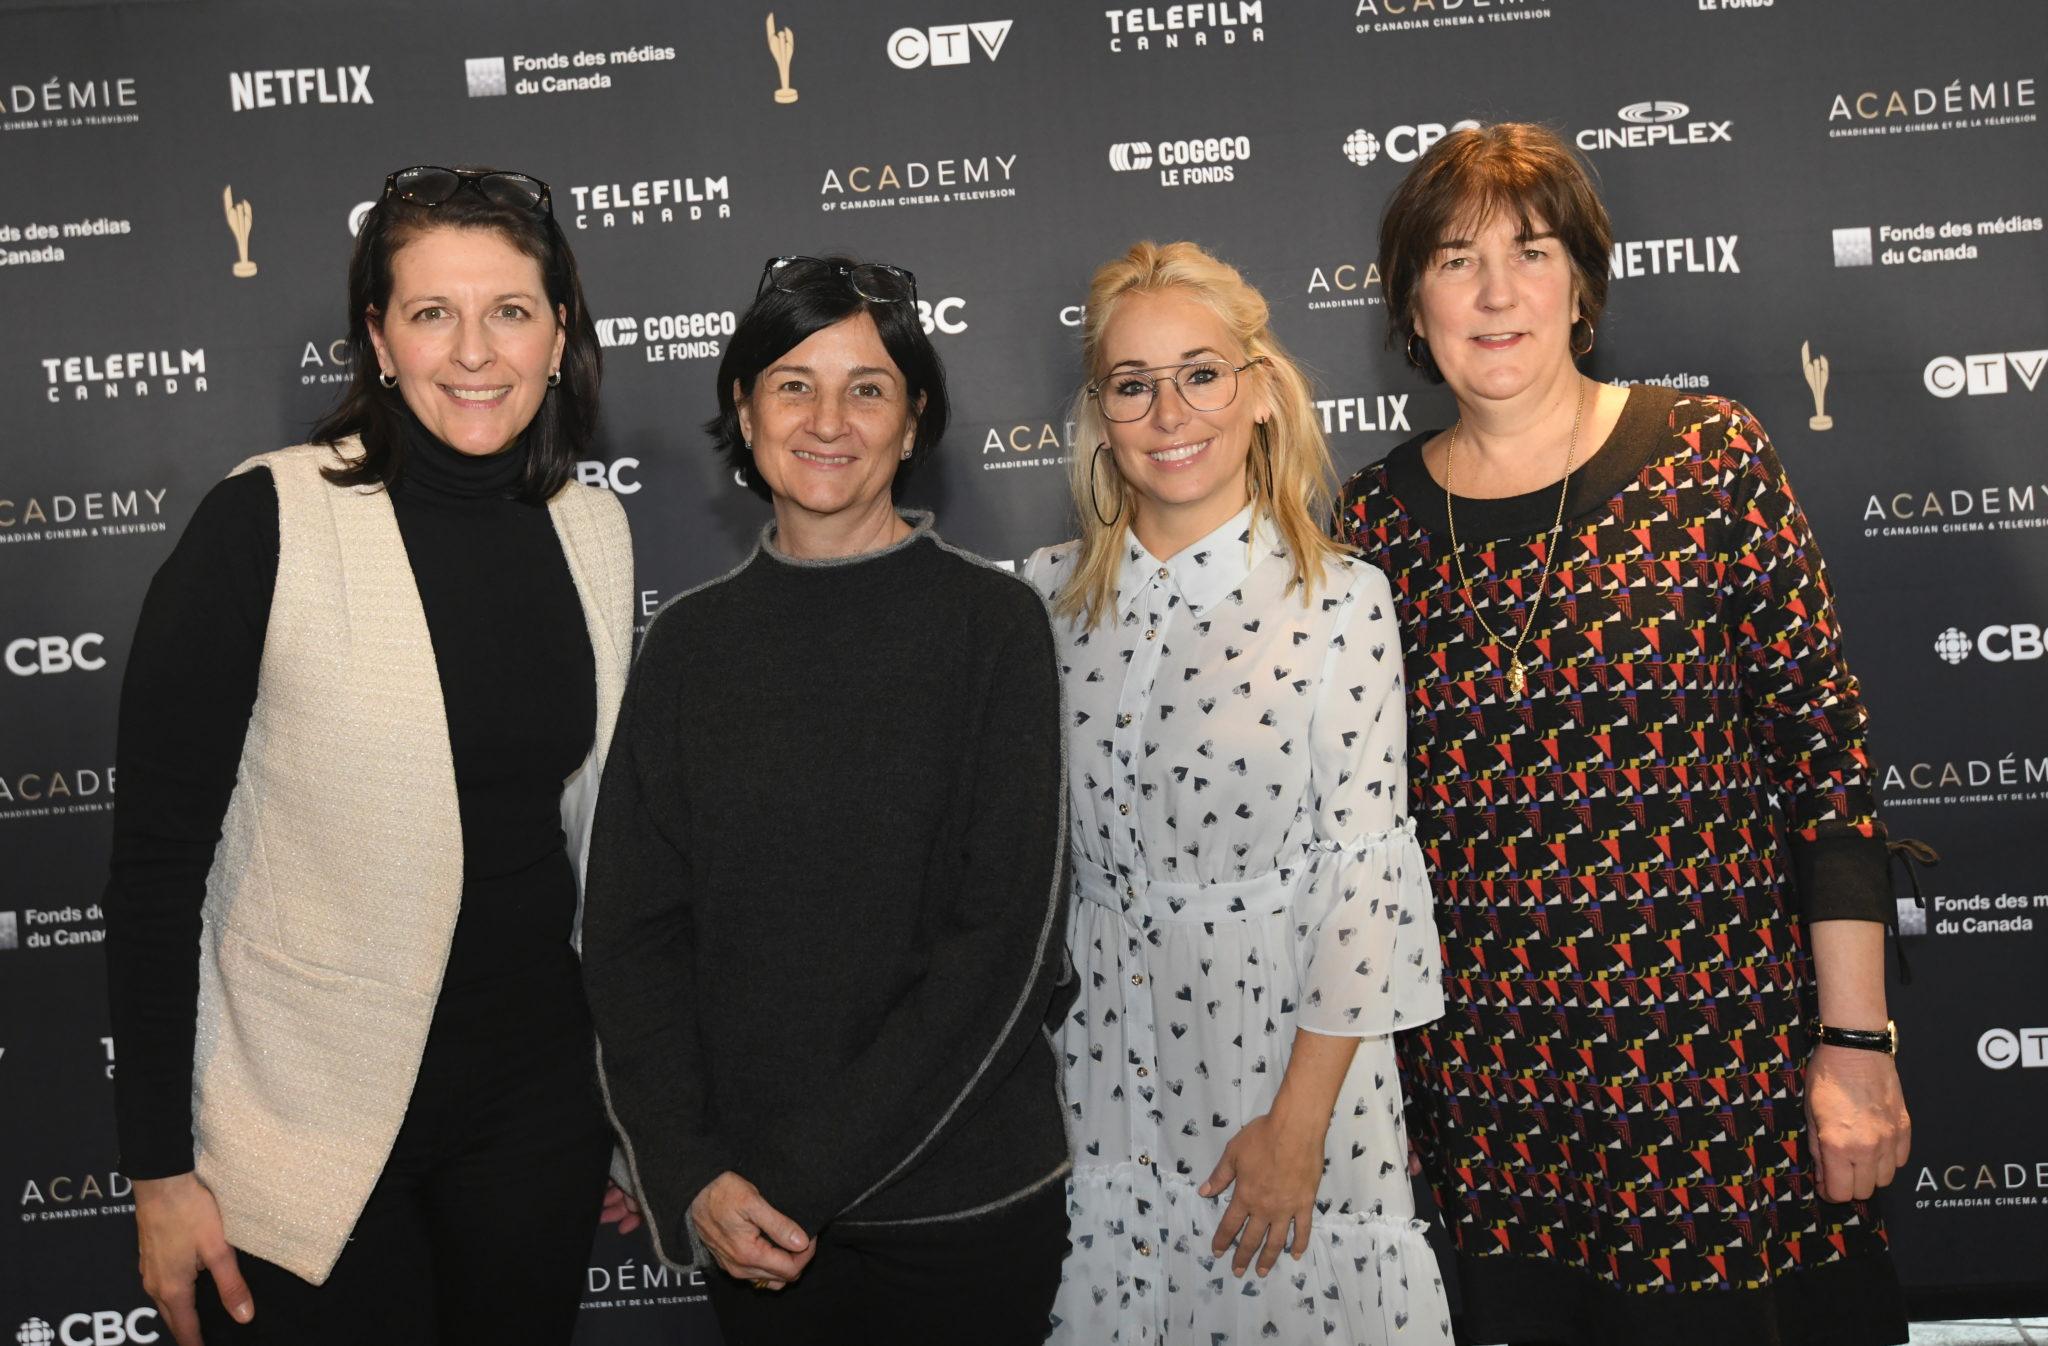 Prix Écrans canadiens 2019 les finalistes sont...